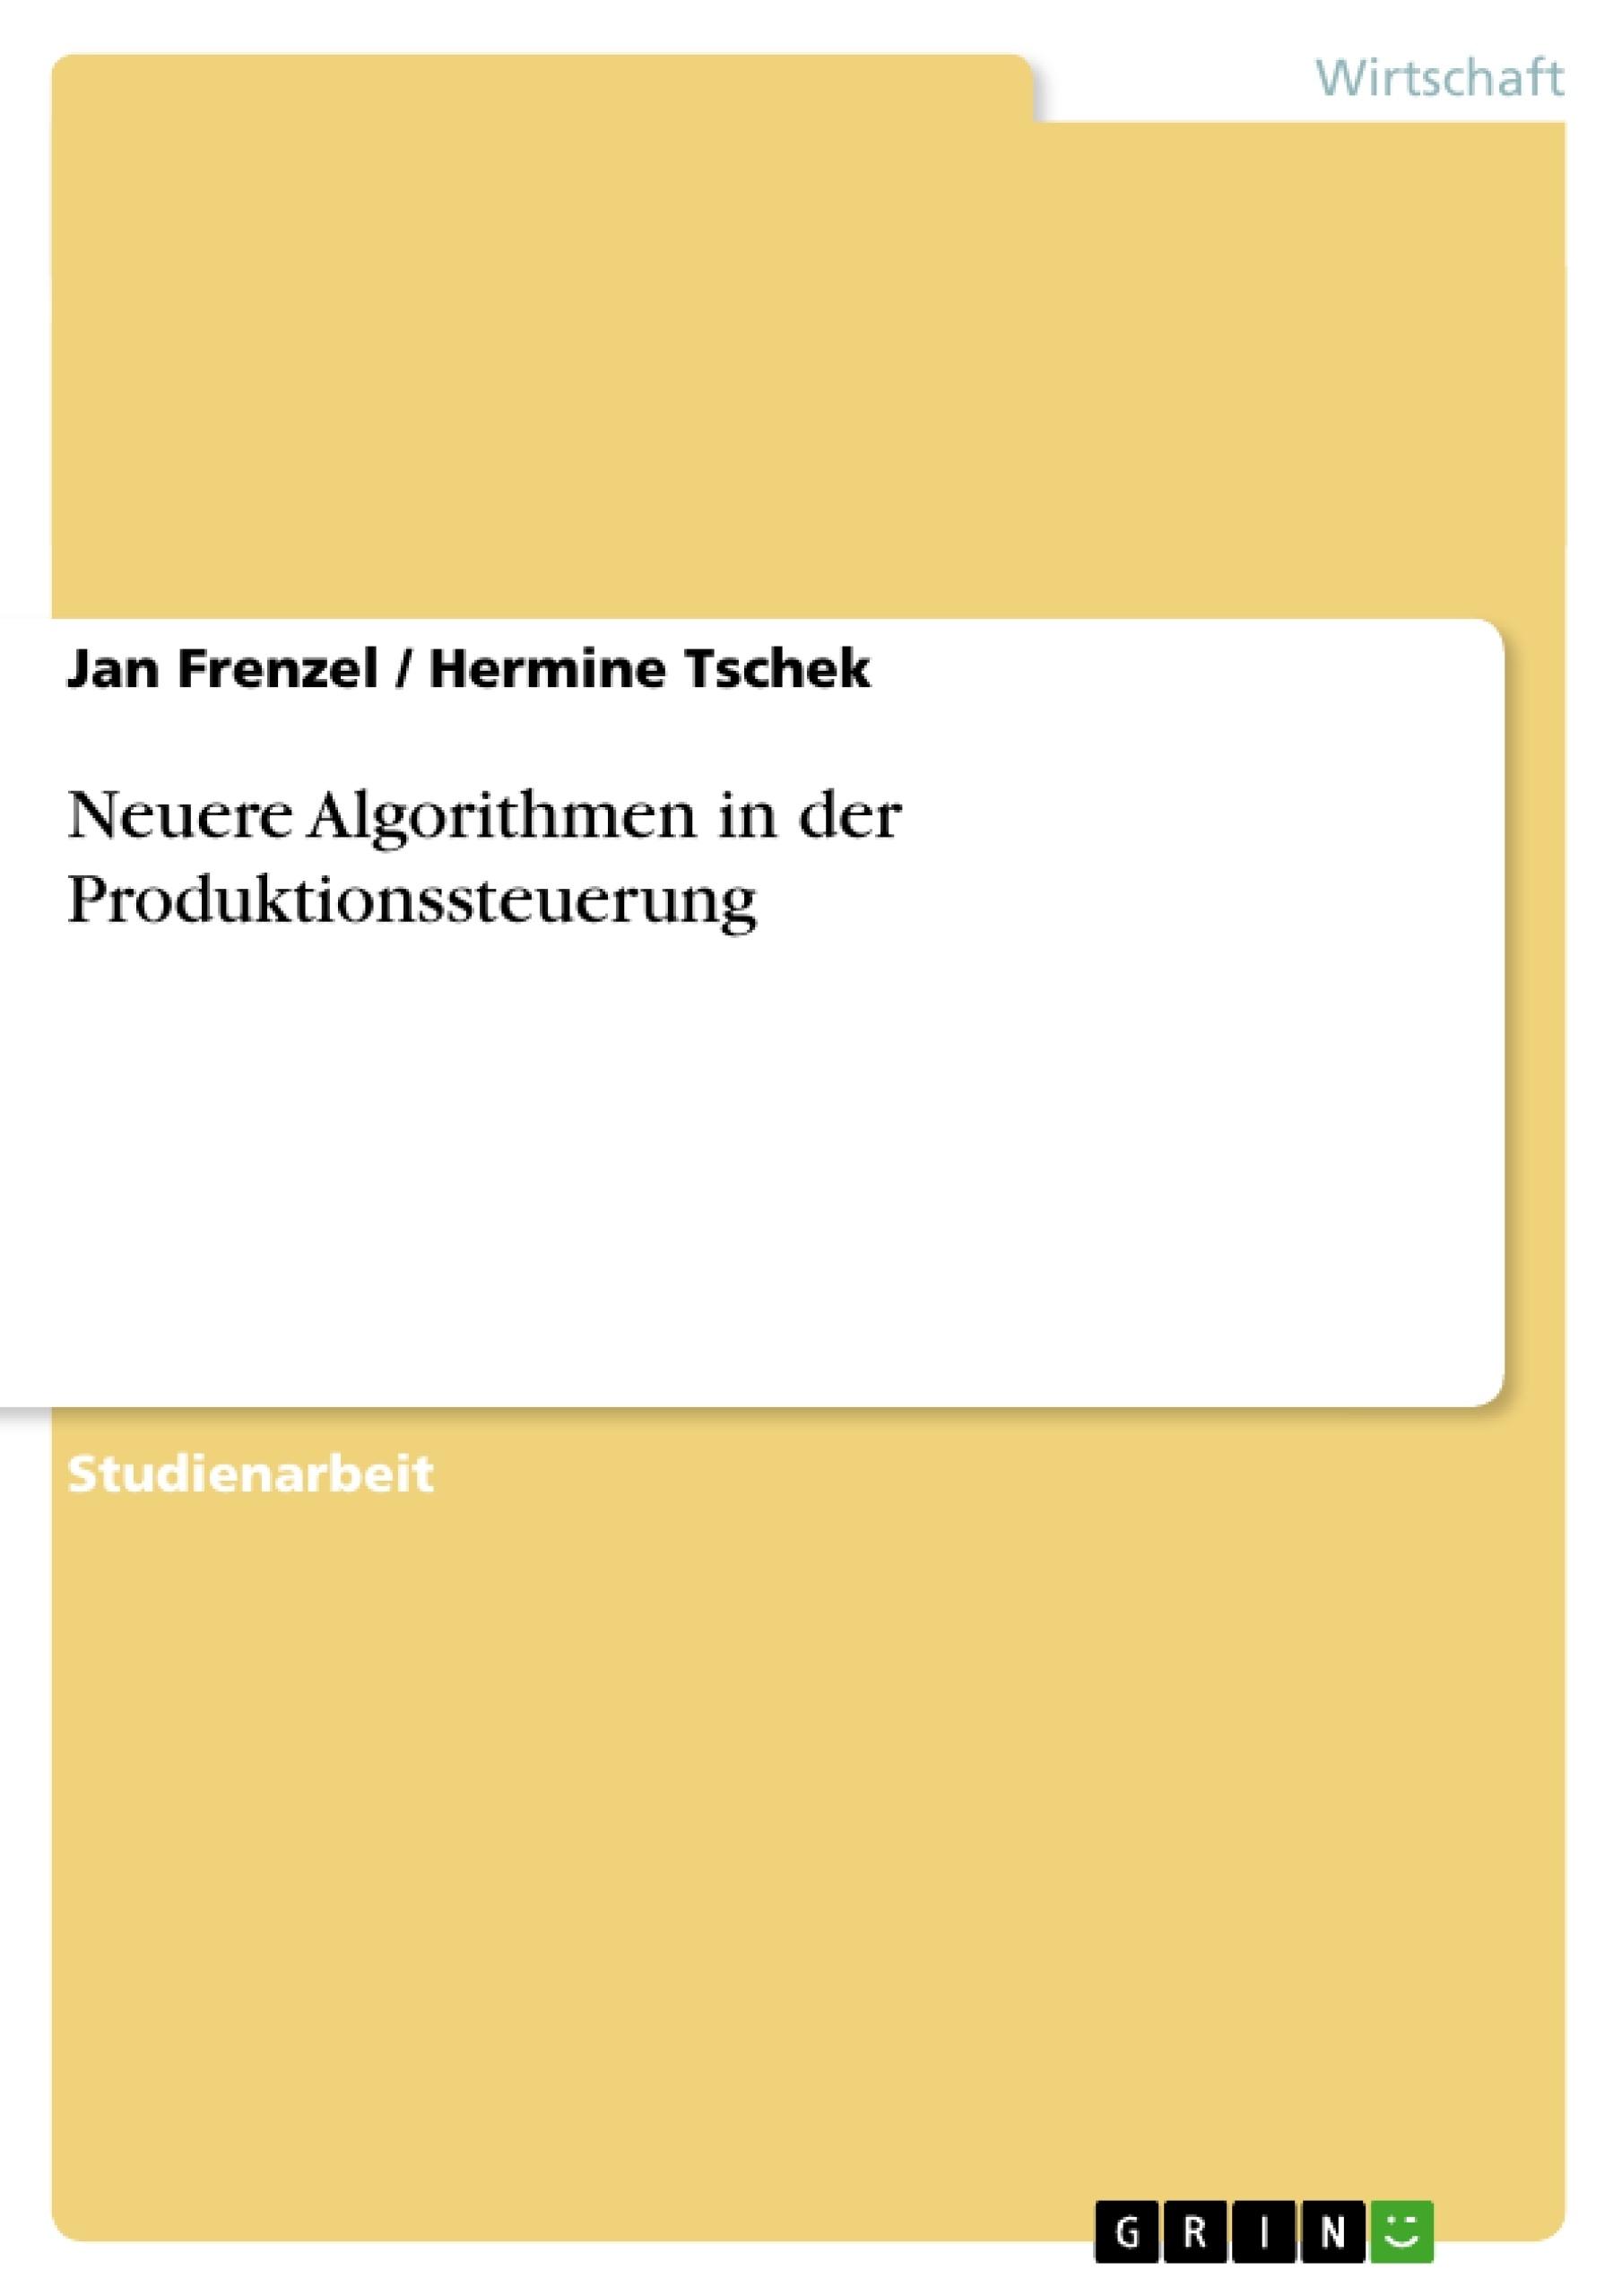 Titel: Neuere Algorithmen in der Produktionssteuerung